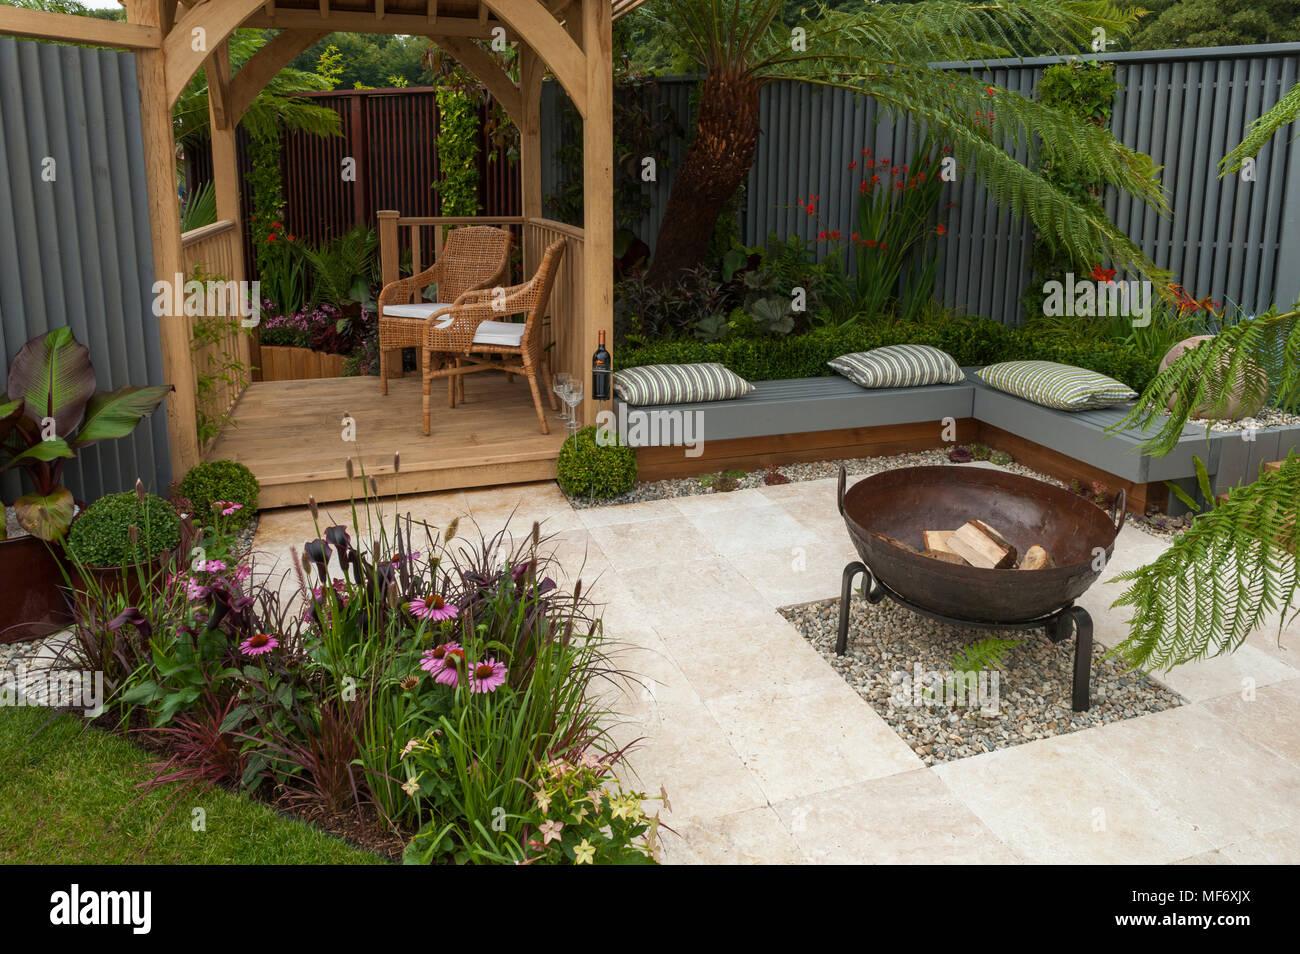 Etwas Neues genug Sitzgelegenheiten, Pavillon, Terrasse Feuerstelle und Blumen im @LG_48